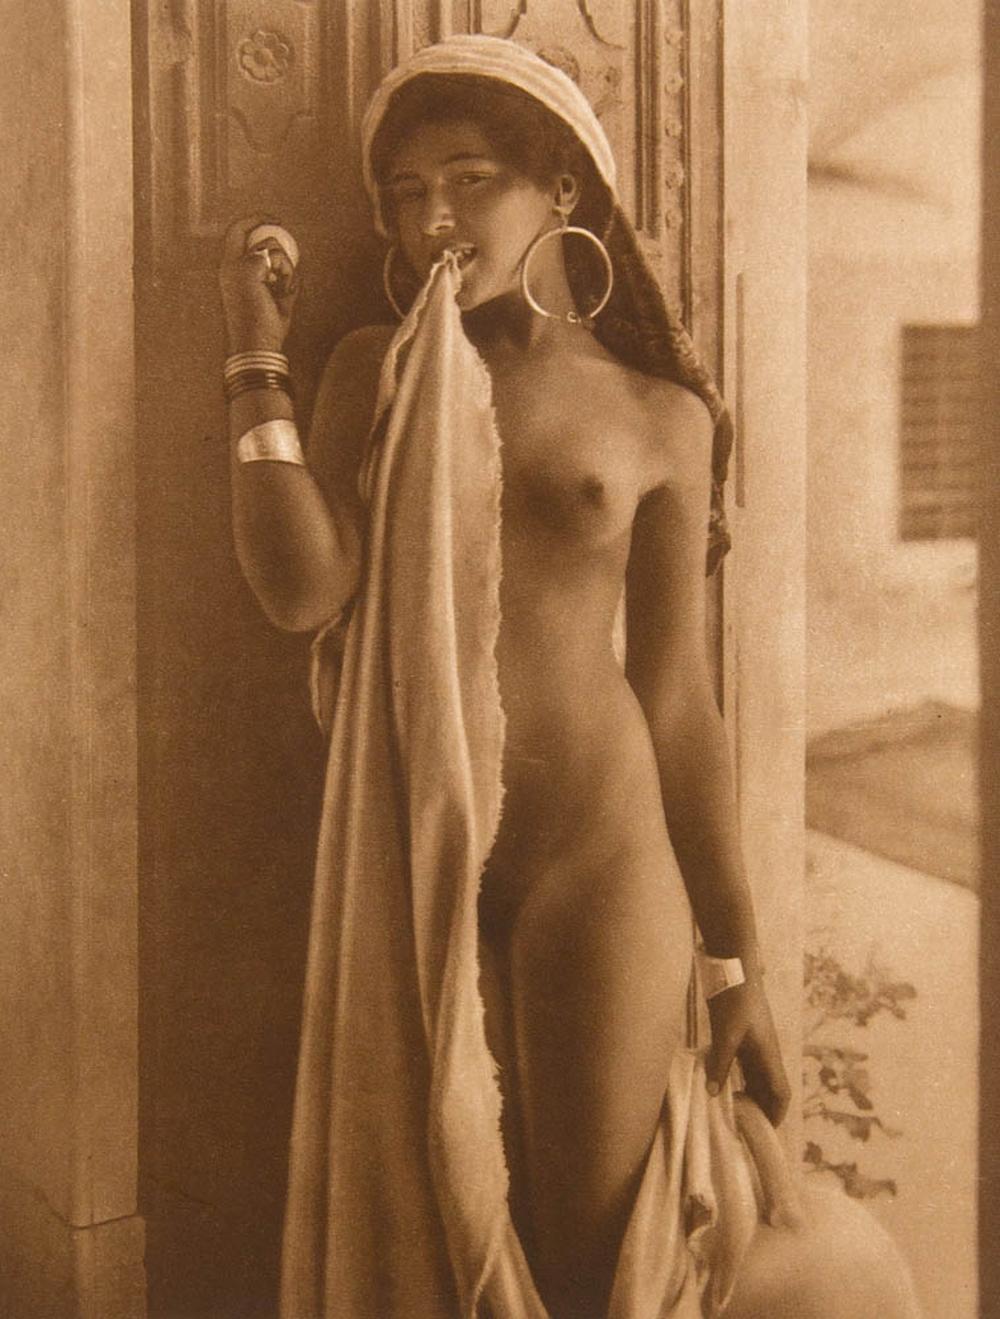 Yemen girls naked pics